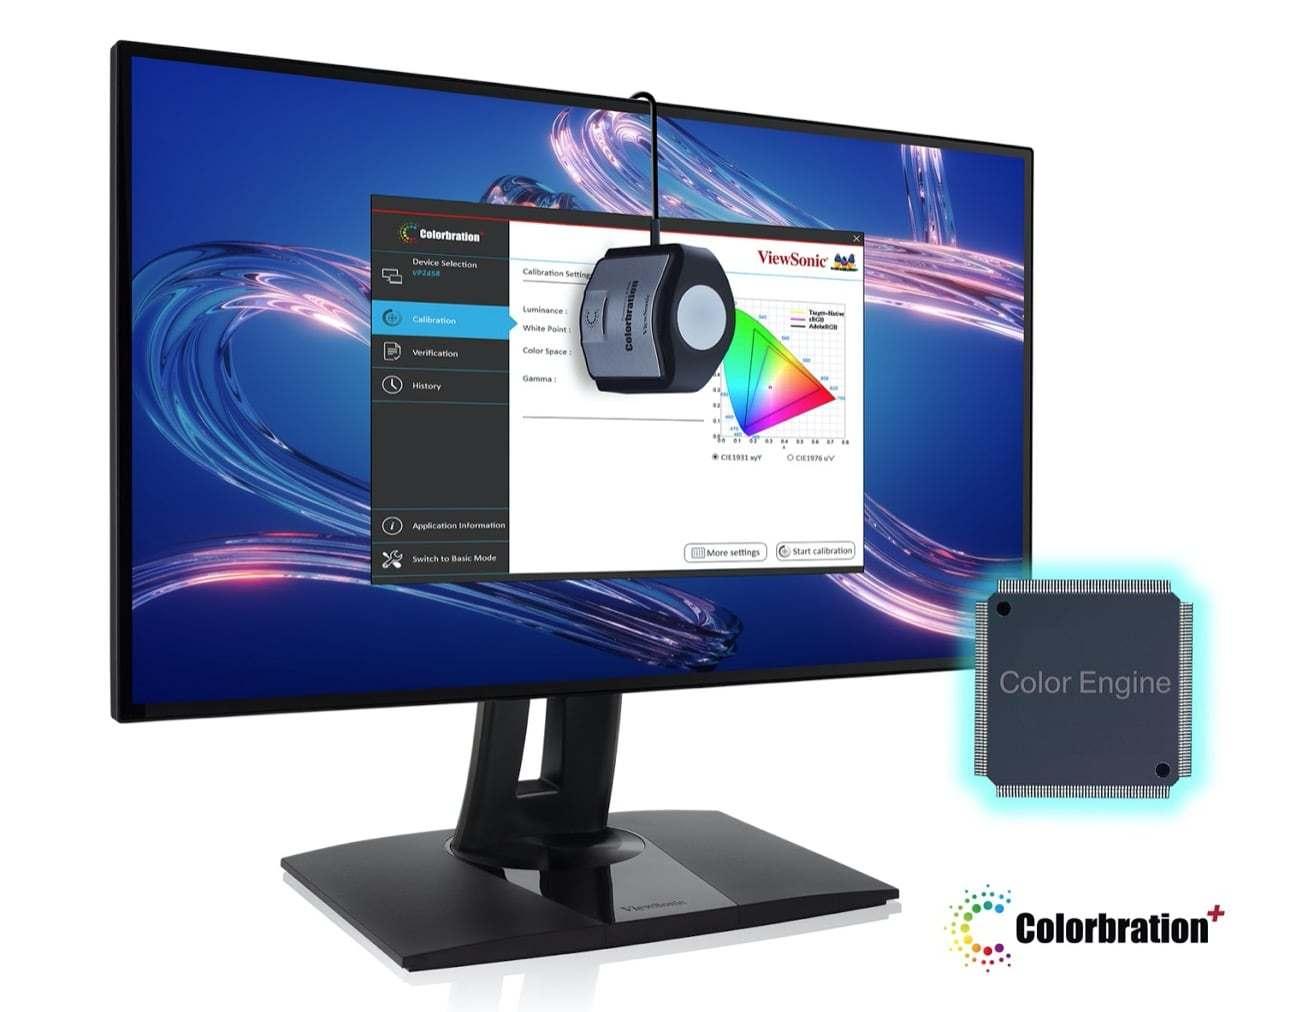 Viewsonic ra mắt màn hình VP2458 dành cho thiết kế đồ họa, giá gần 5 triệu - 1